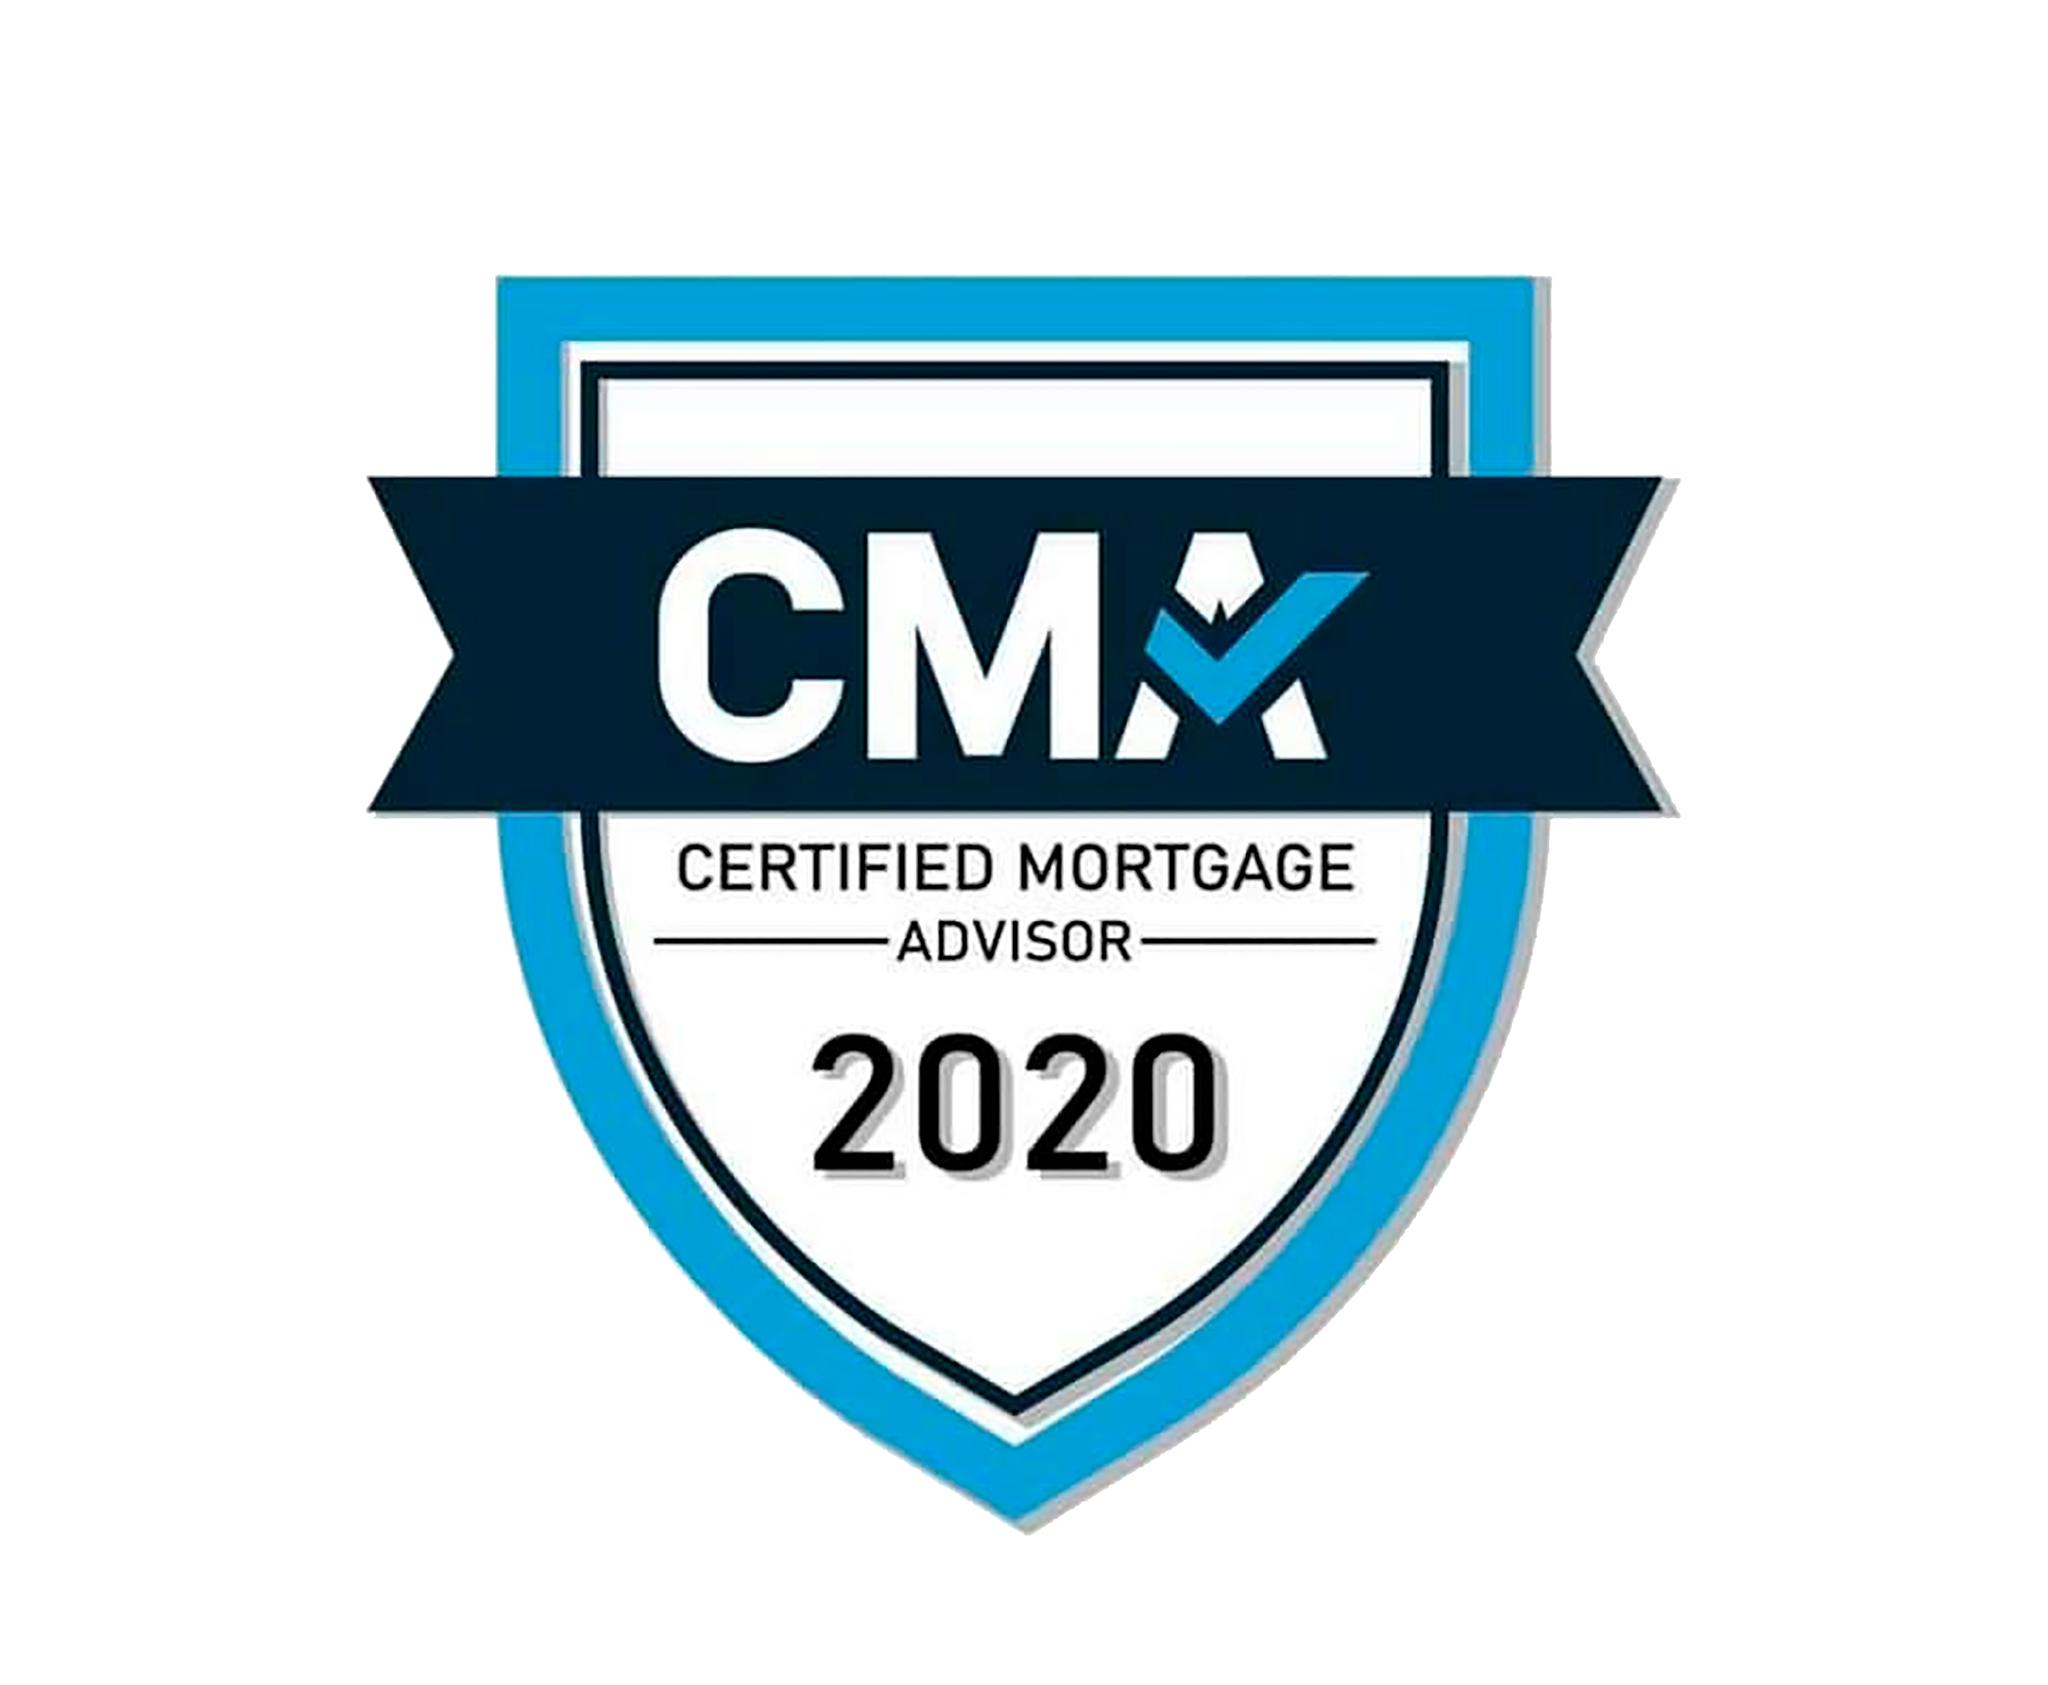 Renato Rodic - Certified Mortgage Advisor